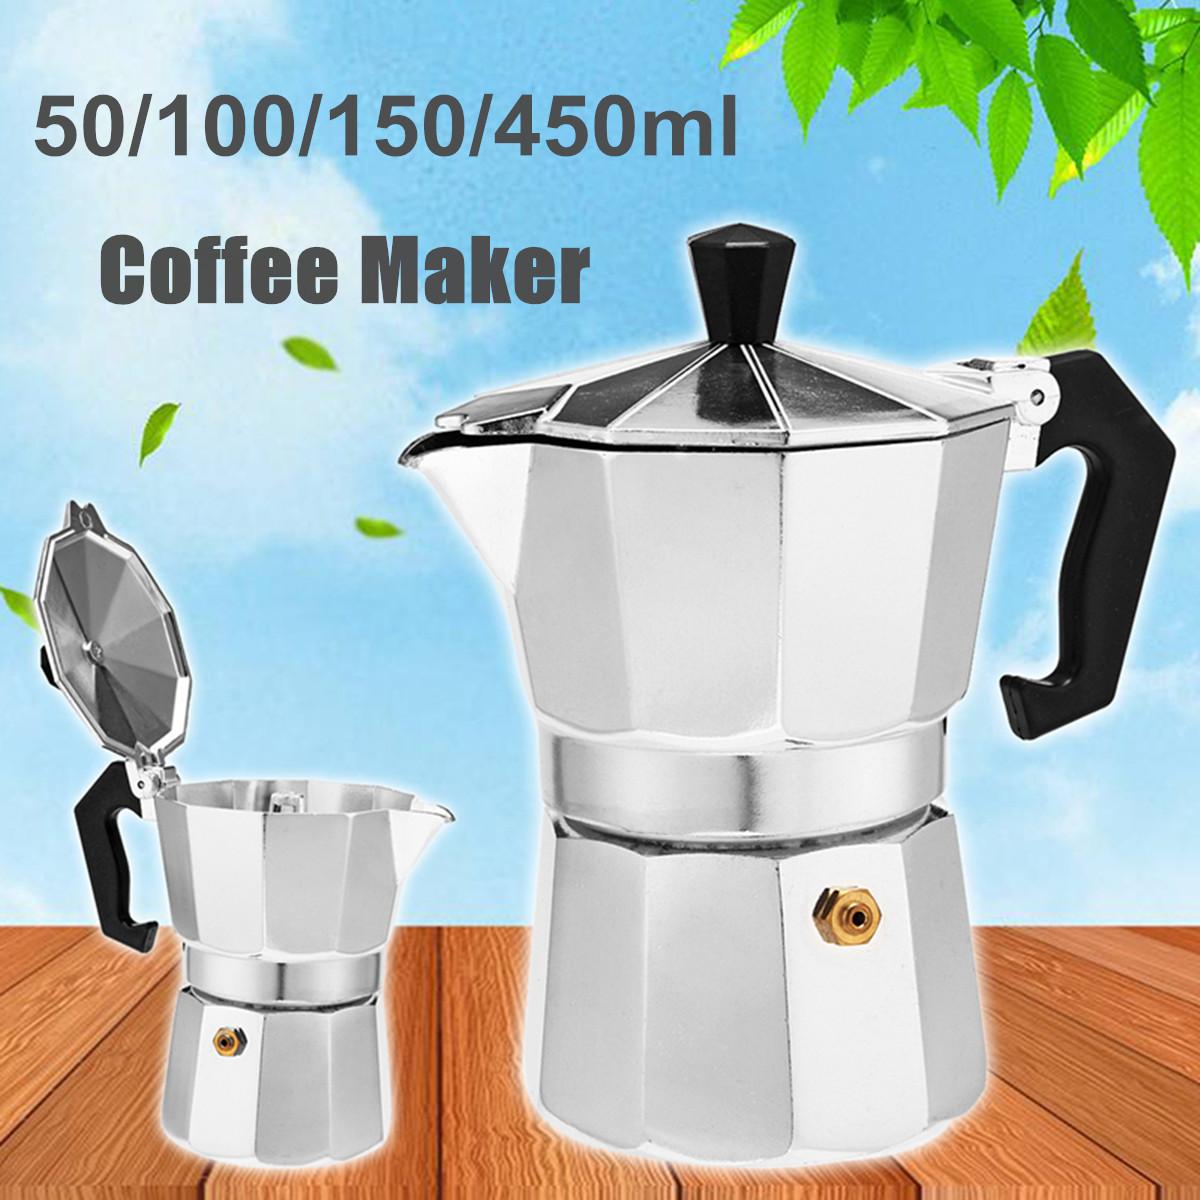 50 / 100 / 150 / 450ml Silver Aluminum Octagonal Mocha Coffee Pot Cup Percolator Maker Tea Pot 13